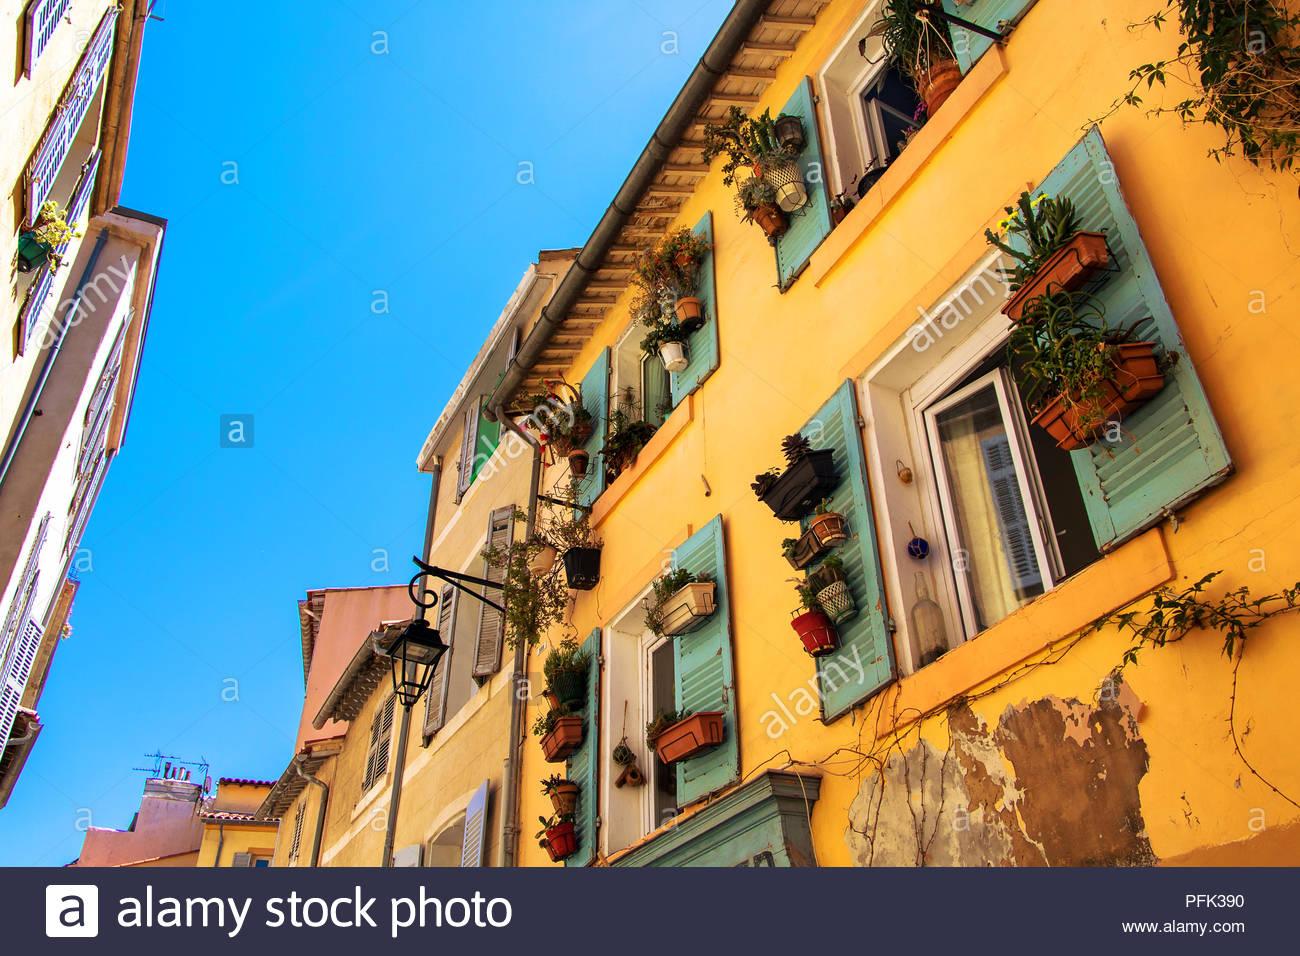 Il Panier Marsiglia Francia, edificio residenziale nel centro storico della città di Marsiglia aprire windows persiane di legno piante edifici abitativi Immagini Stock